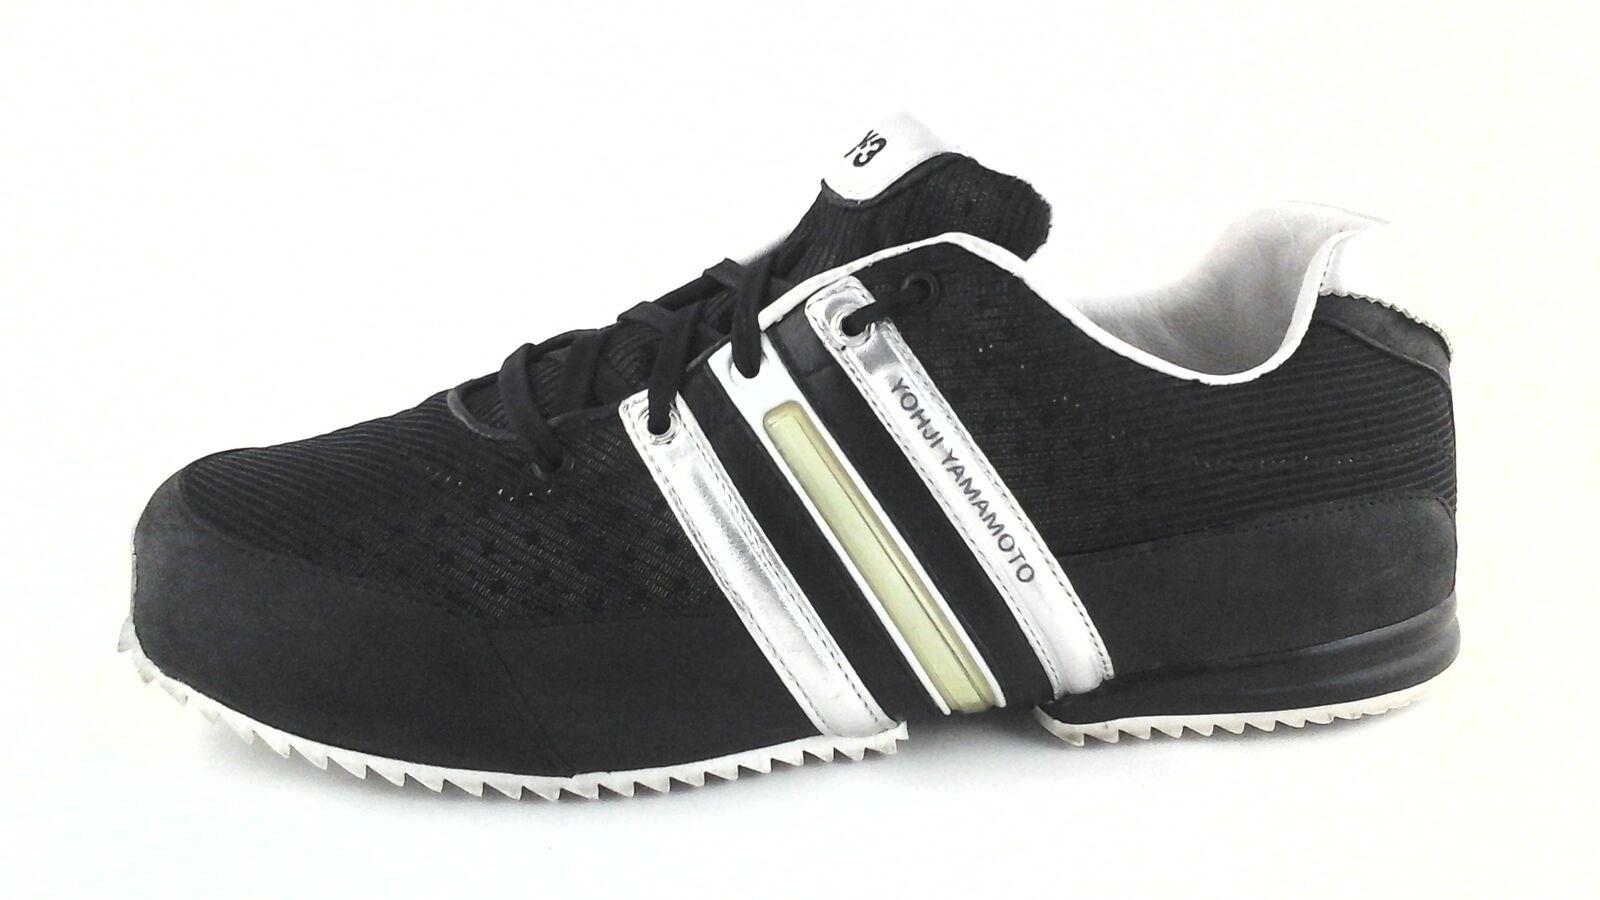 official photos b3dca acabd Adidas industriales Yohji Yamamoto Sprint negro   8 Plata zapatillas zapatos  US 8     3 Reducción de precio f3b416